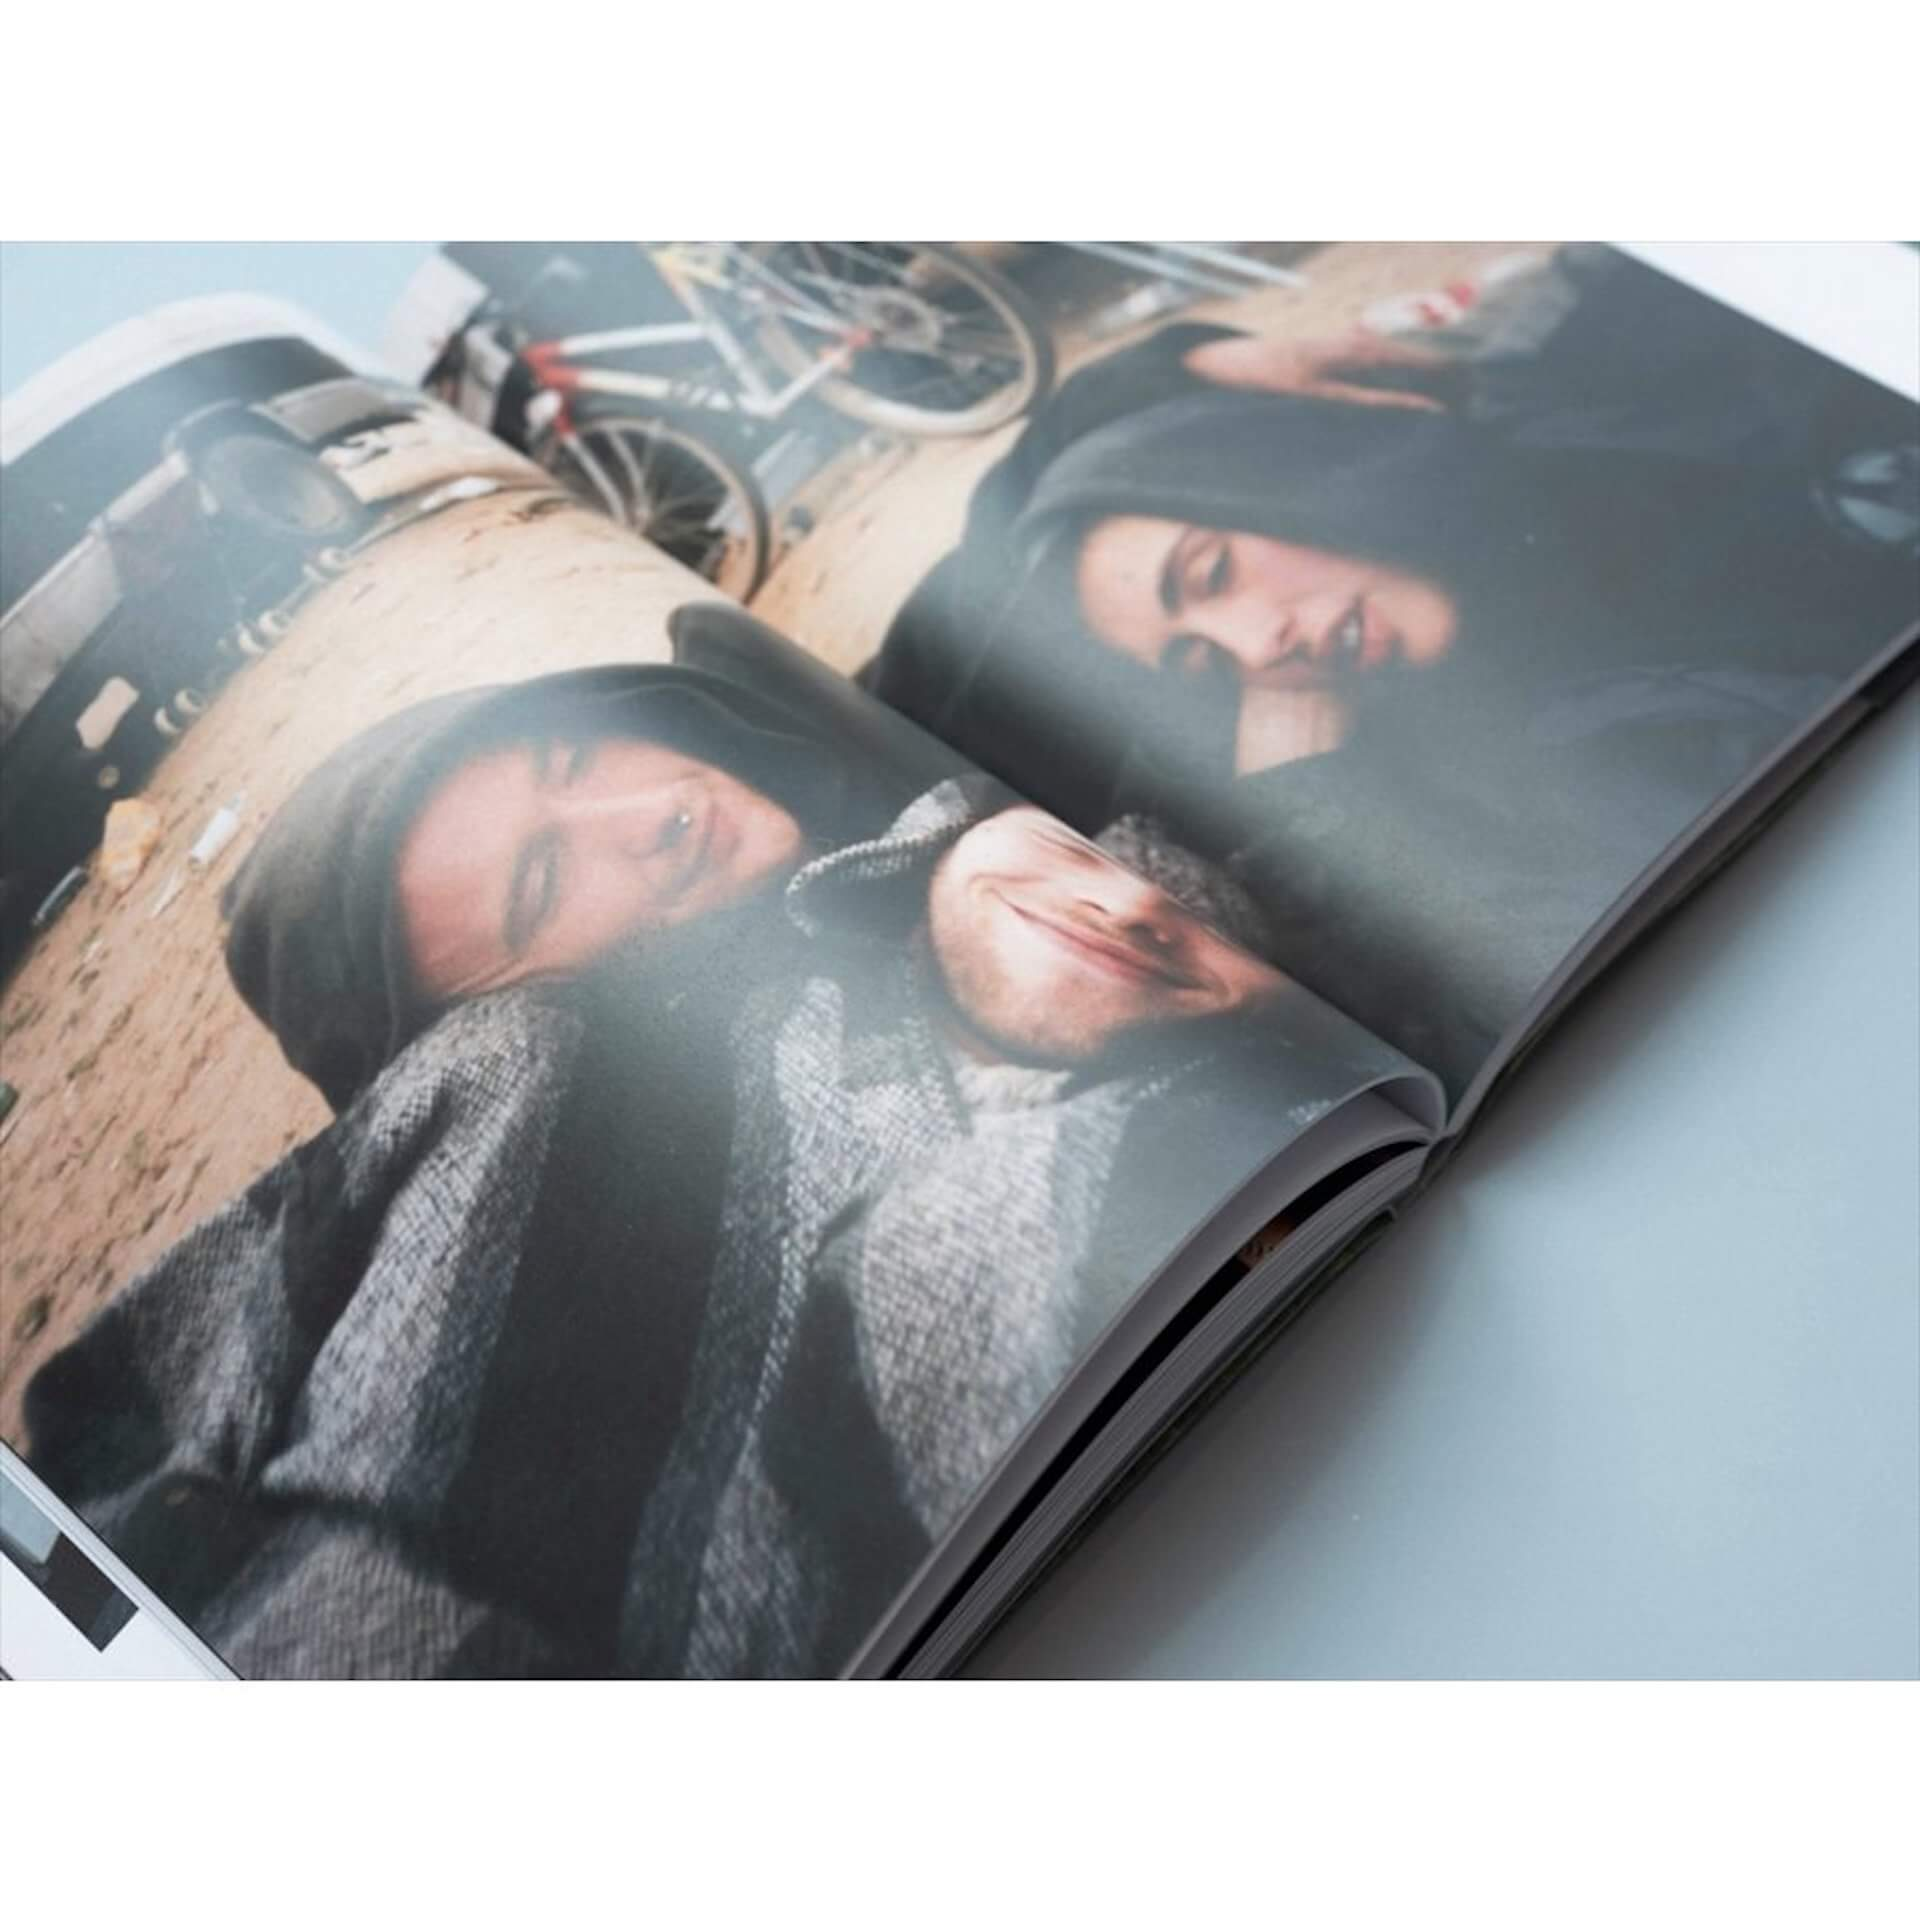 アートブックノススメ|Qetic編集部が選ぶ5冊/Harmony Korine 他 column210210_artbook-07